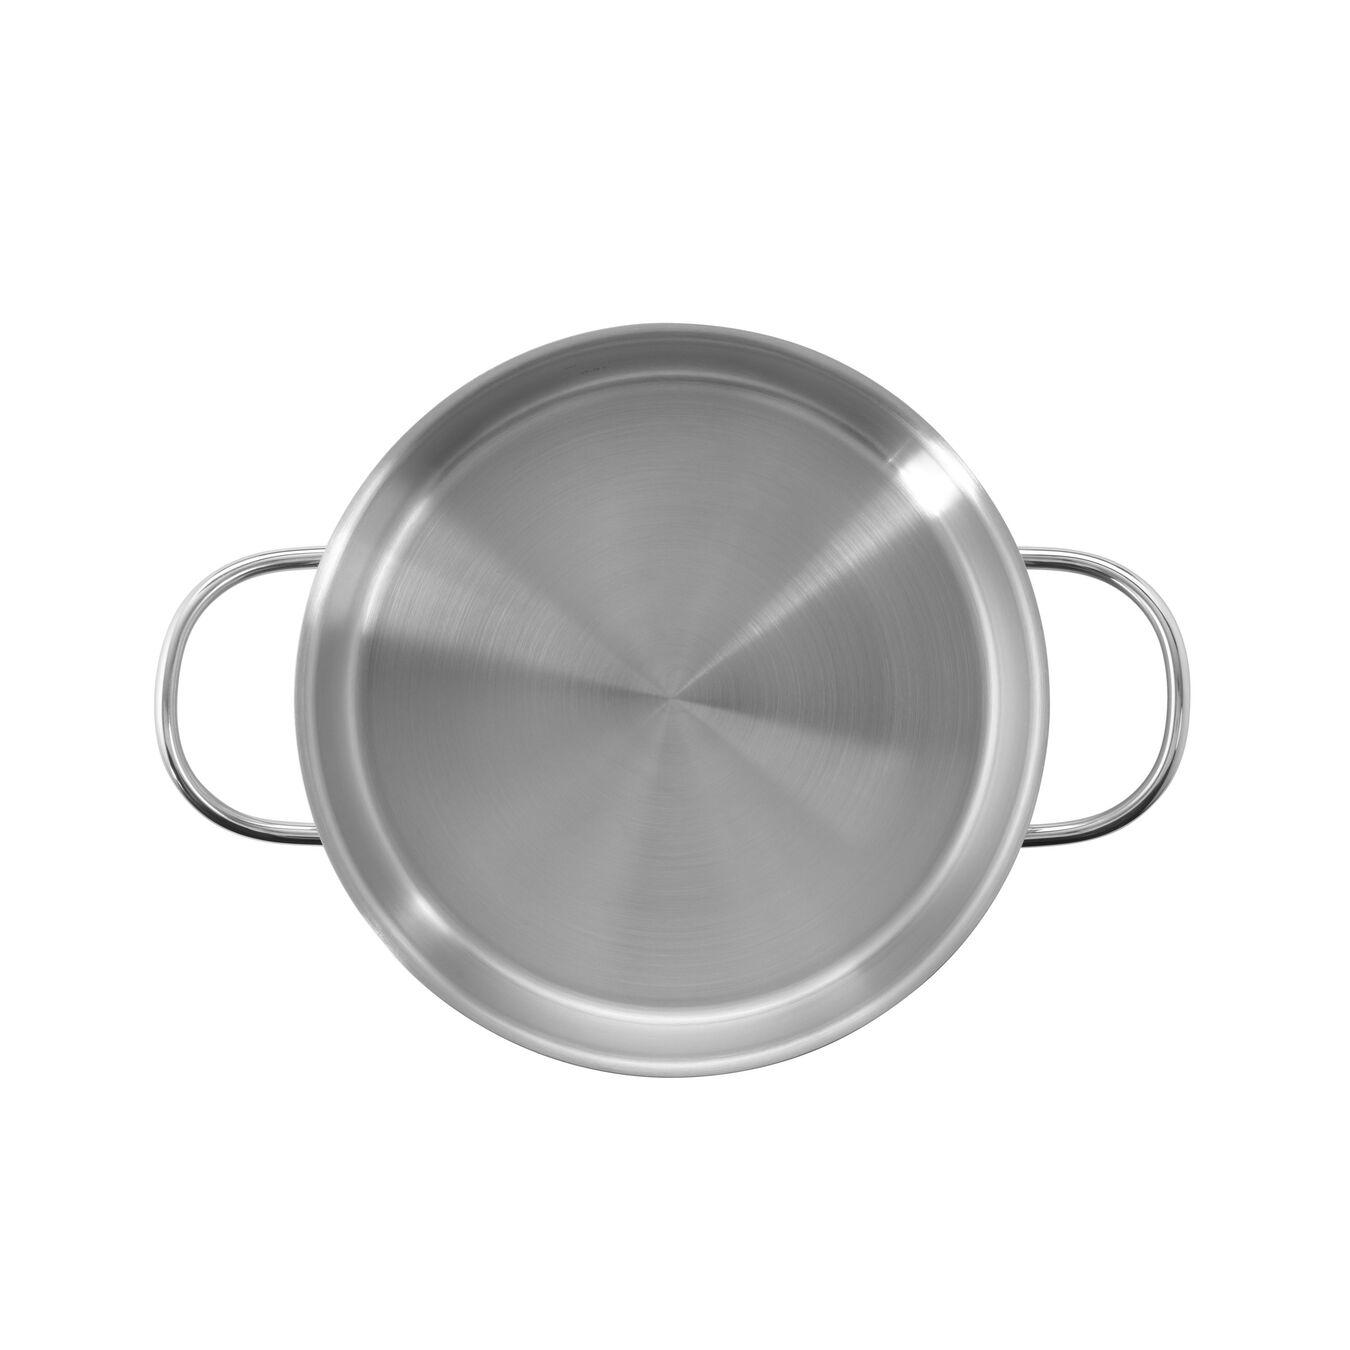 Servierpfanne, rund,,large 2